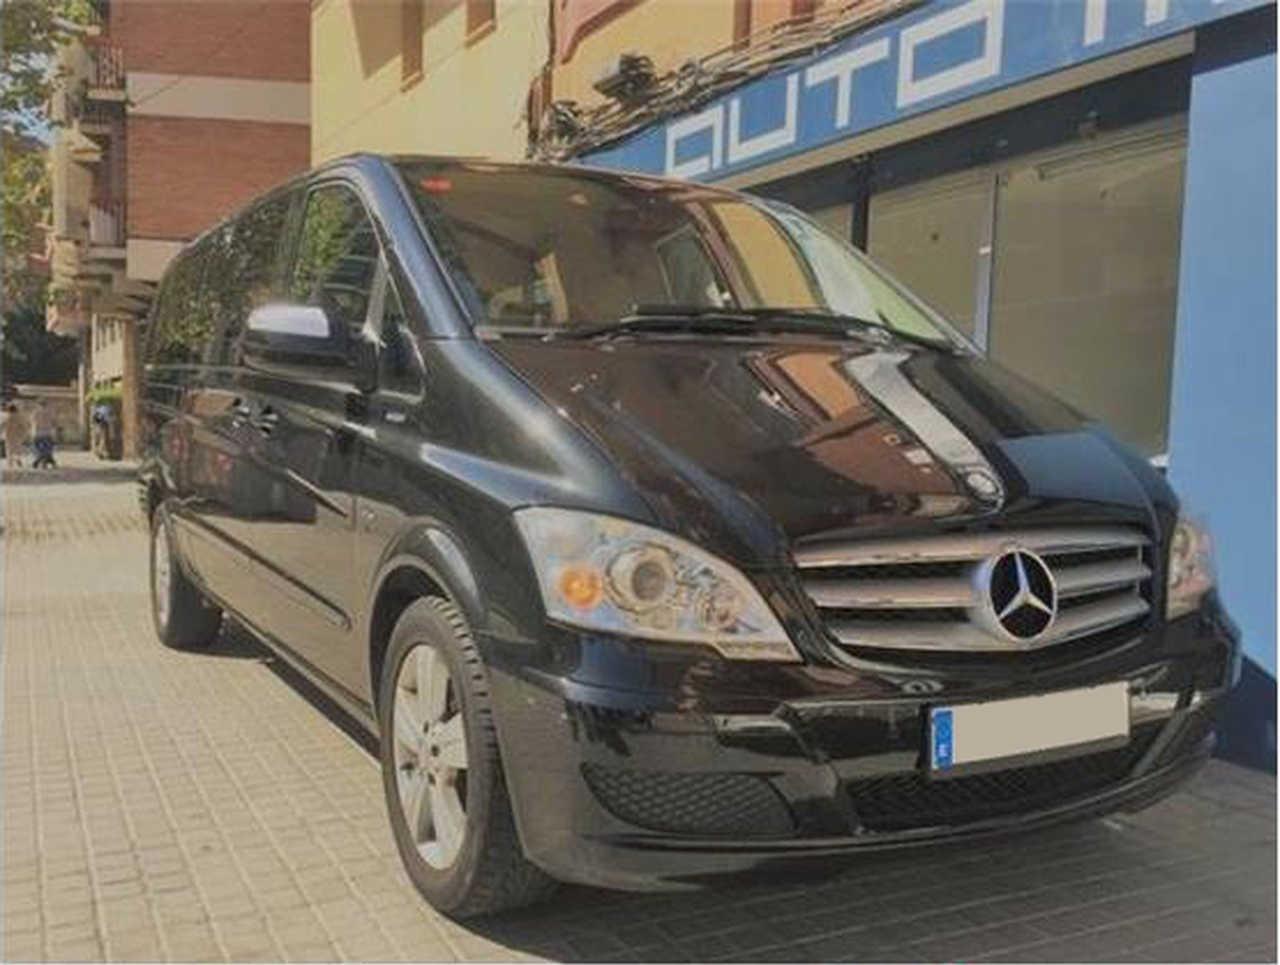 Mercedes Viano 3.0CDI Ambiente Extralargo Aut.  - Foto 1